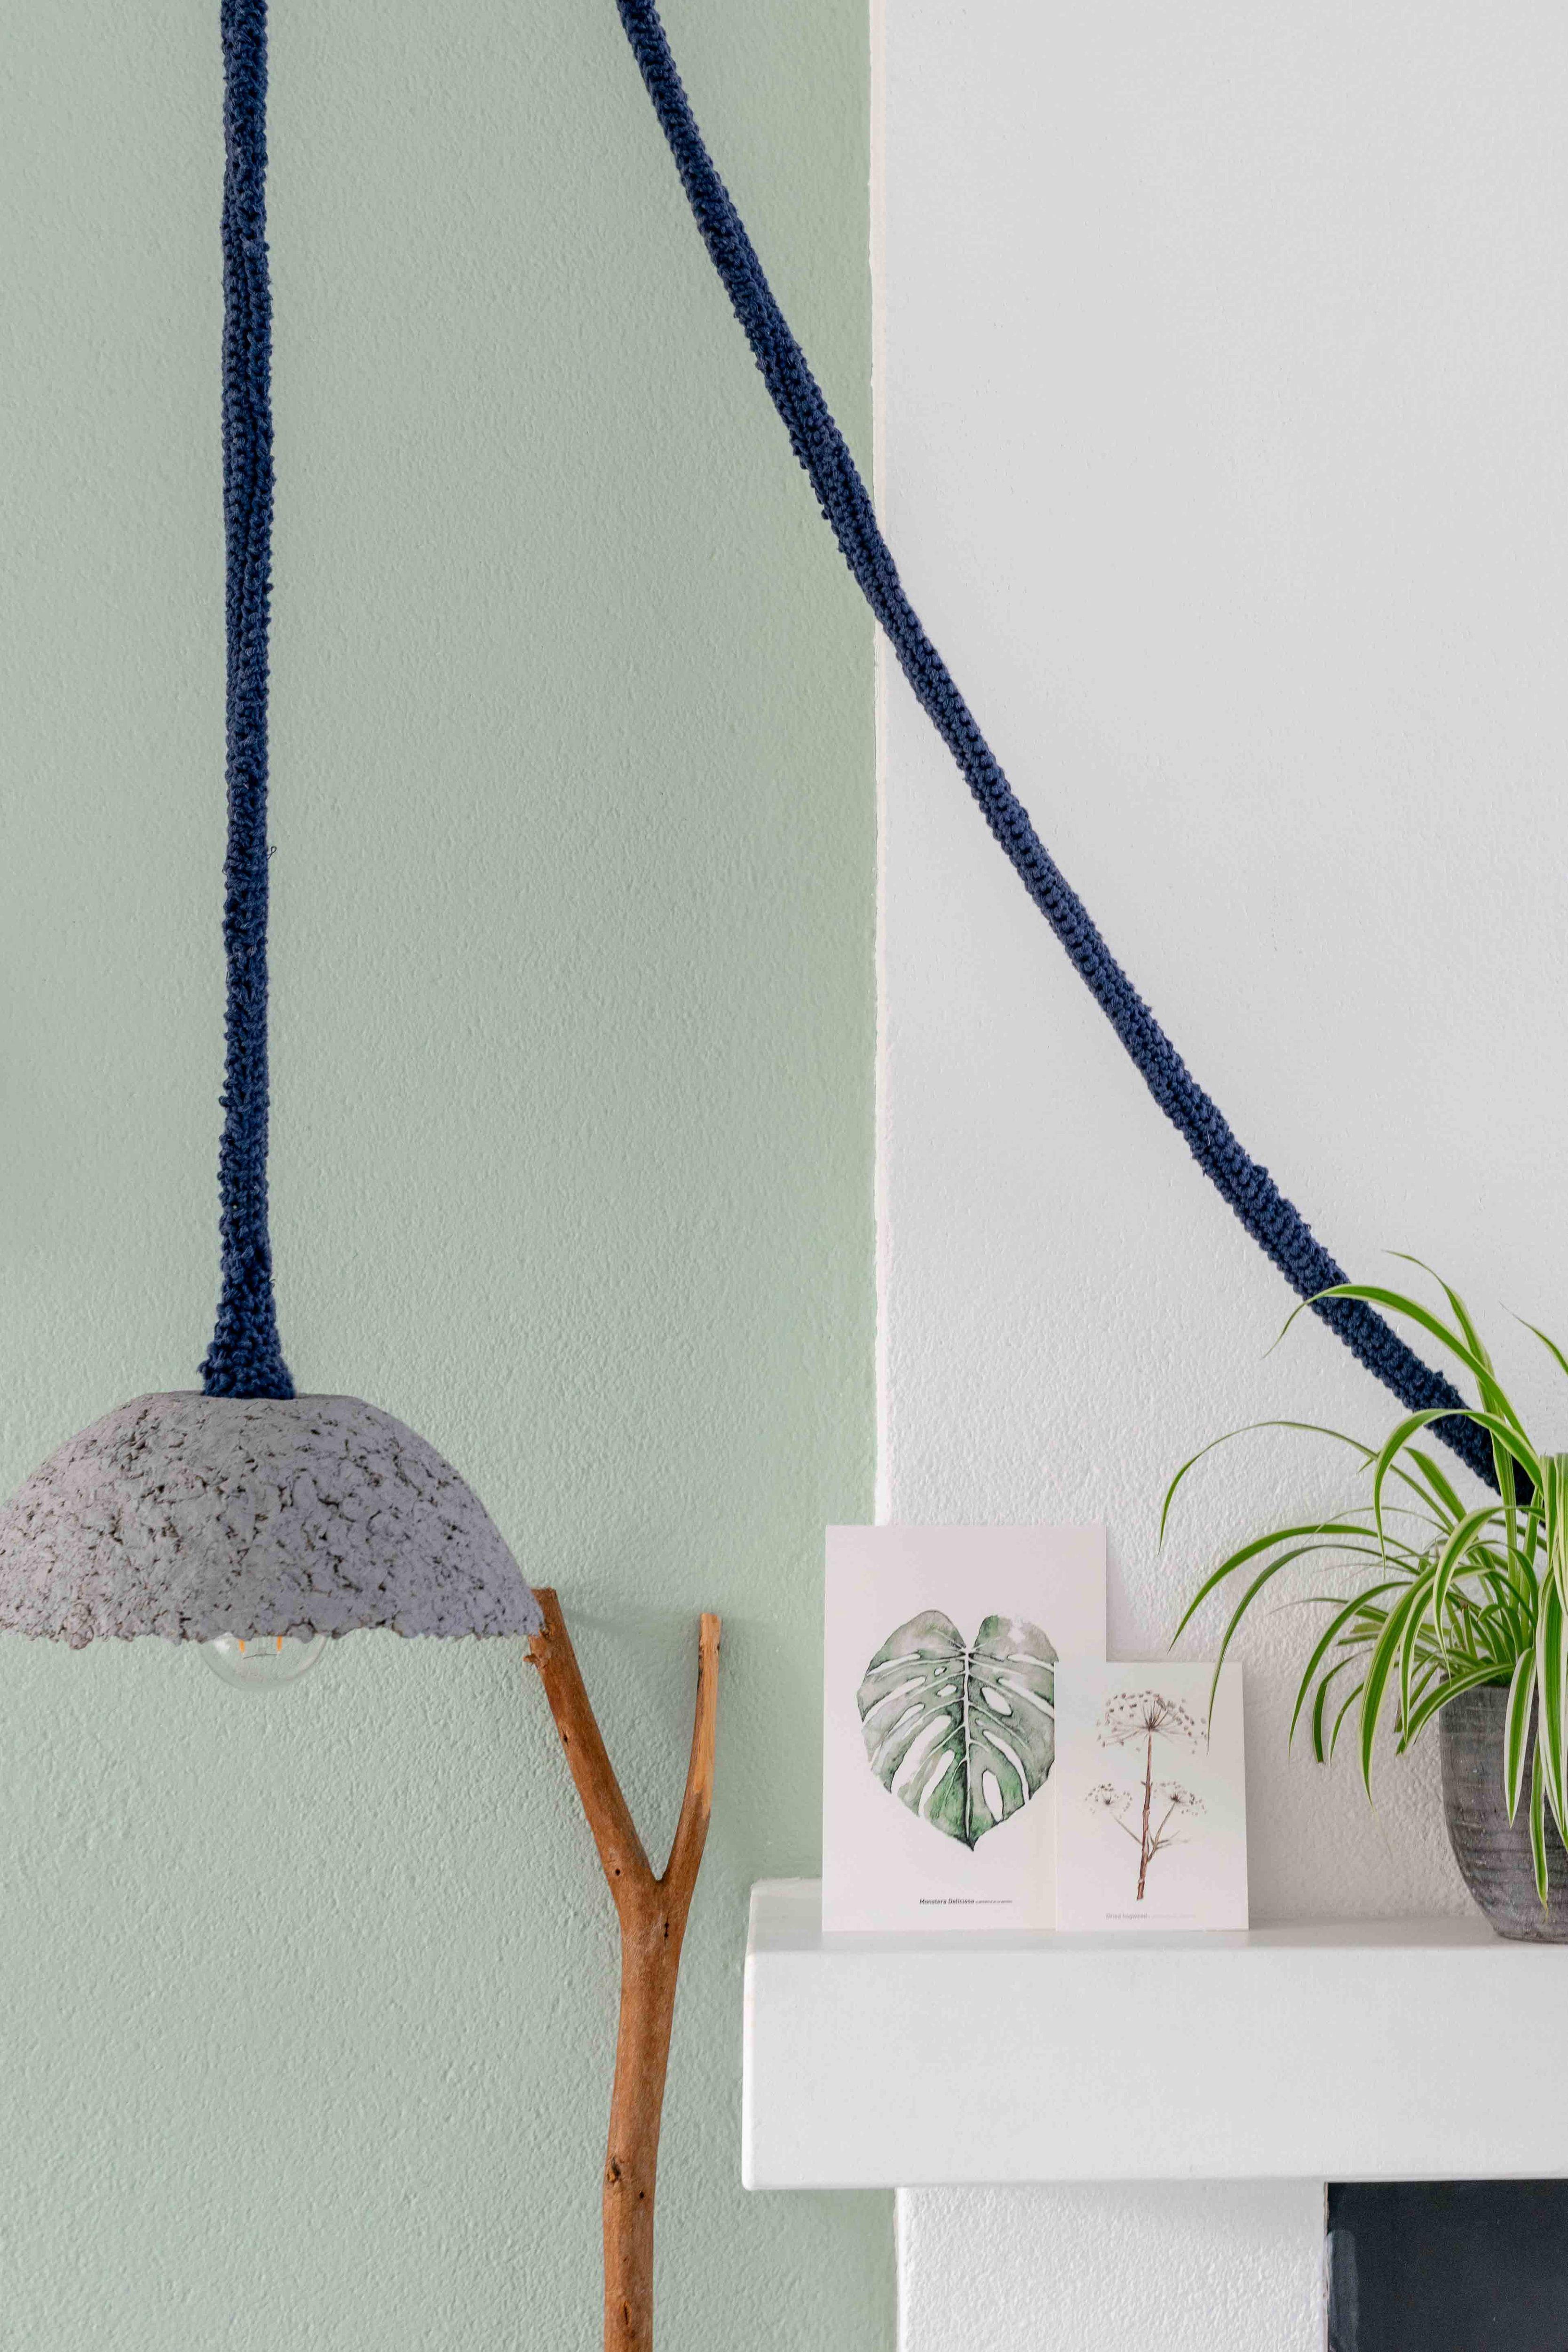 * G R O E N * De mooie kaarten op de schouw, zijn van Liz van @artprintje. Ze passen goed bij mijn groene muur en planten, blij mee🙌😀 Geniet van je zaterdag🌸 #tuin #garden # plantlover #groen #lamp #artprintje #urbanjungle #herfst #wallart #kaarten #capturethatinterior #capturethatinteriorpro #colourmyhome #couleurlocale #meetmycolors #diy #interiorstyling #interiordetails #decorationideas #myhometoinspire #vtwonenbijmijthuis #homeadore #interieuraddict #kleurjeinterieur